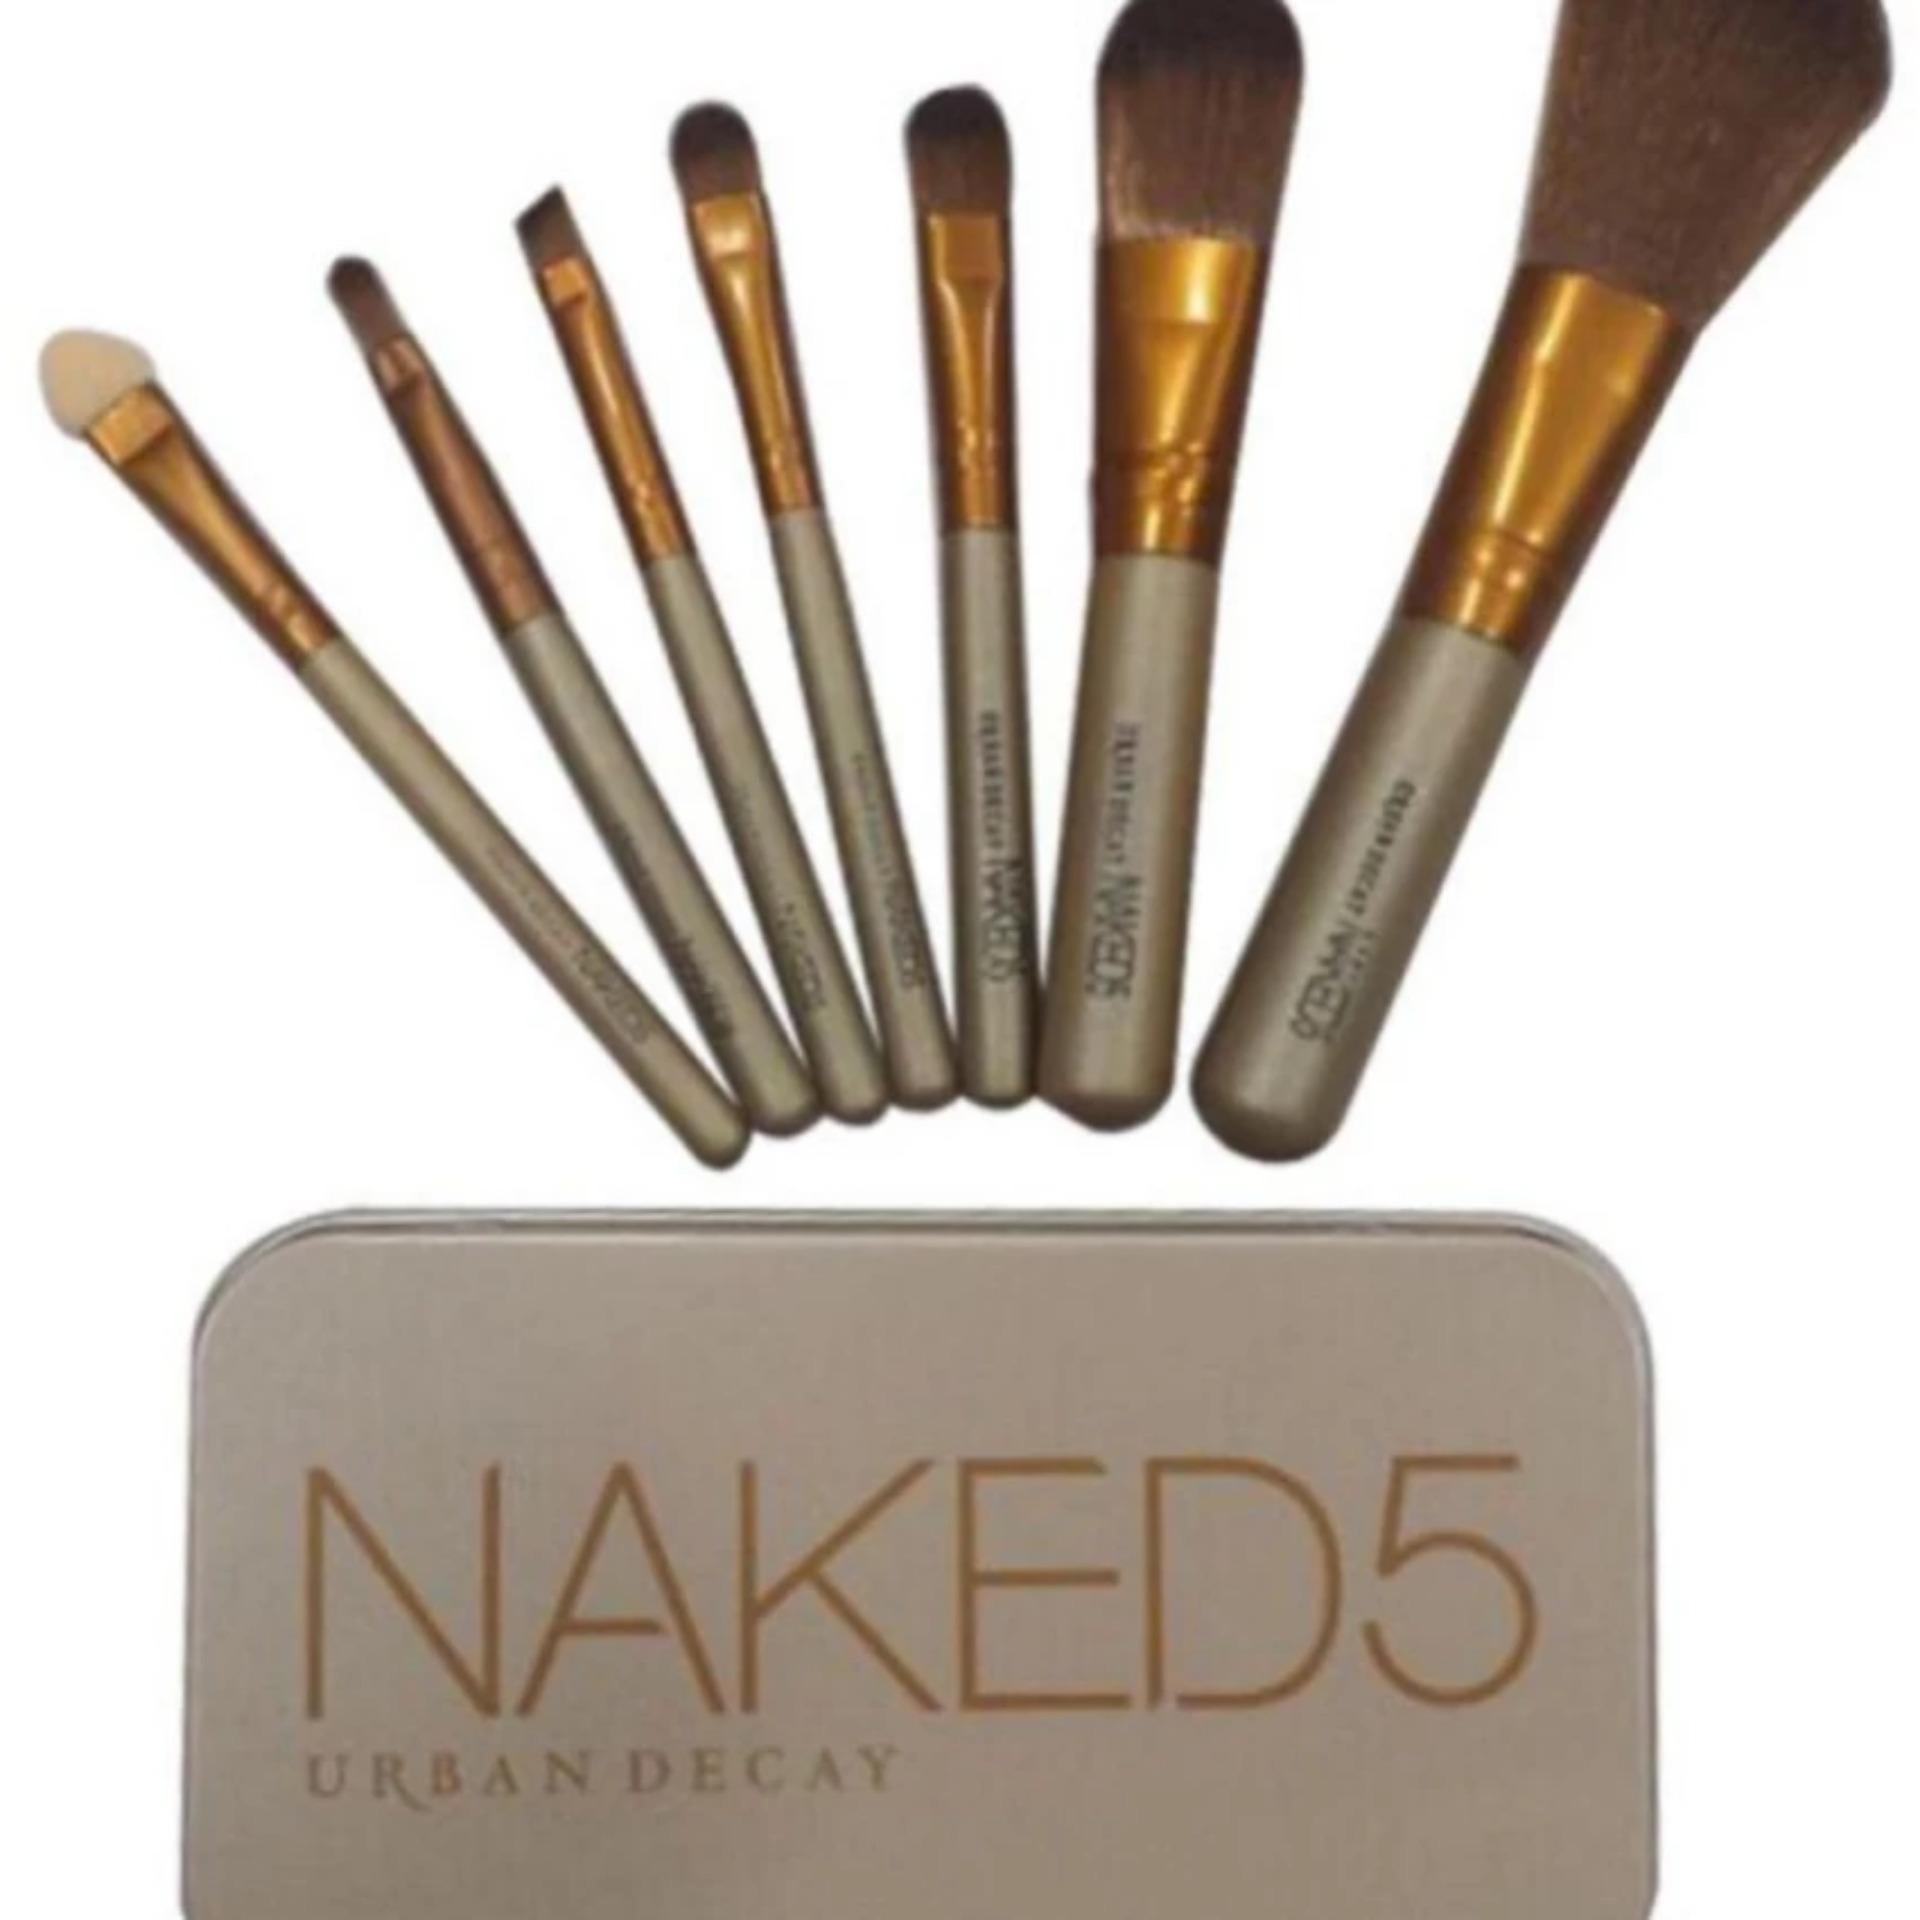 Fitur Naked 5 Brush 7 In 1 Kemasan Kaleng Kuas Make Up Set Lengkap Hello Kitty Pcs Vivian Isi